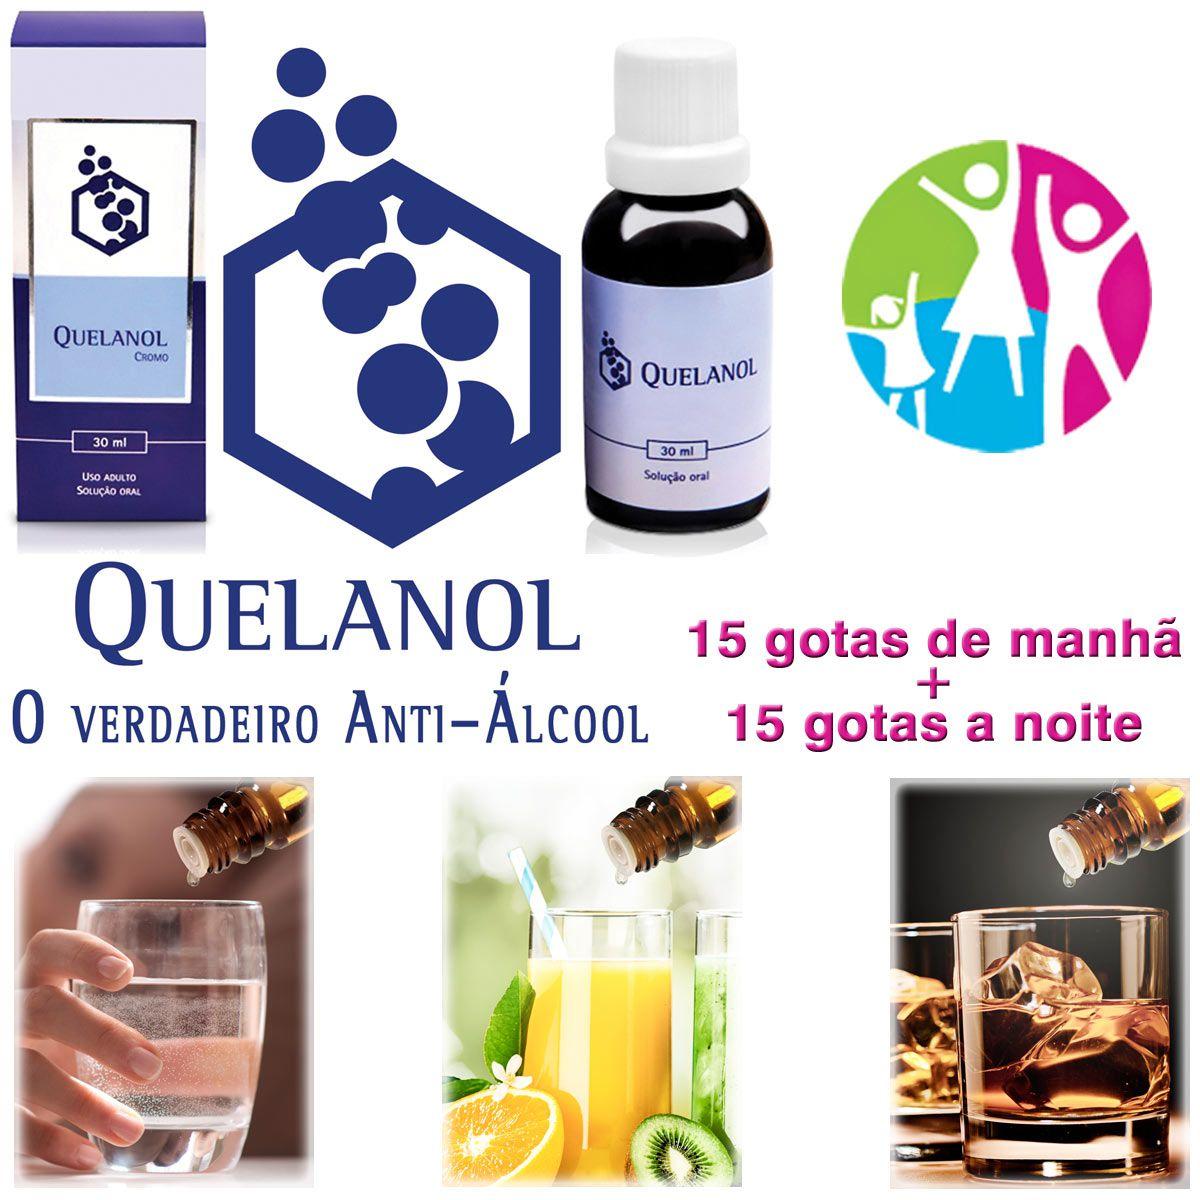 Anti-álcool Quelanol 04 frascos  - Prevenção e Saúde